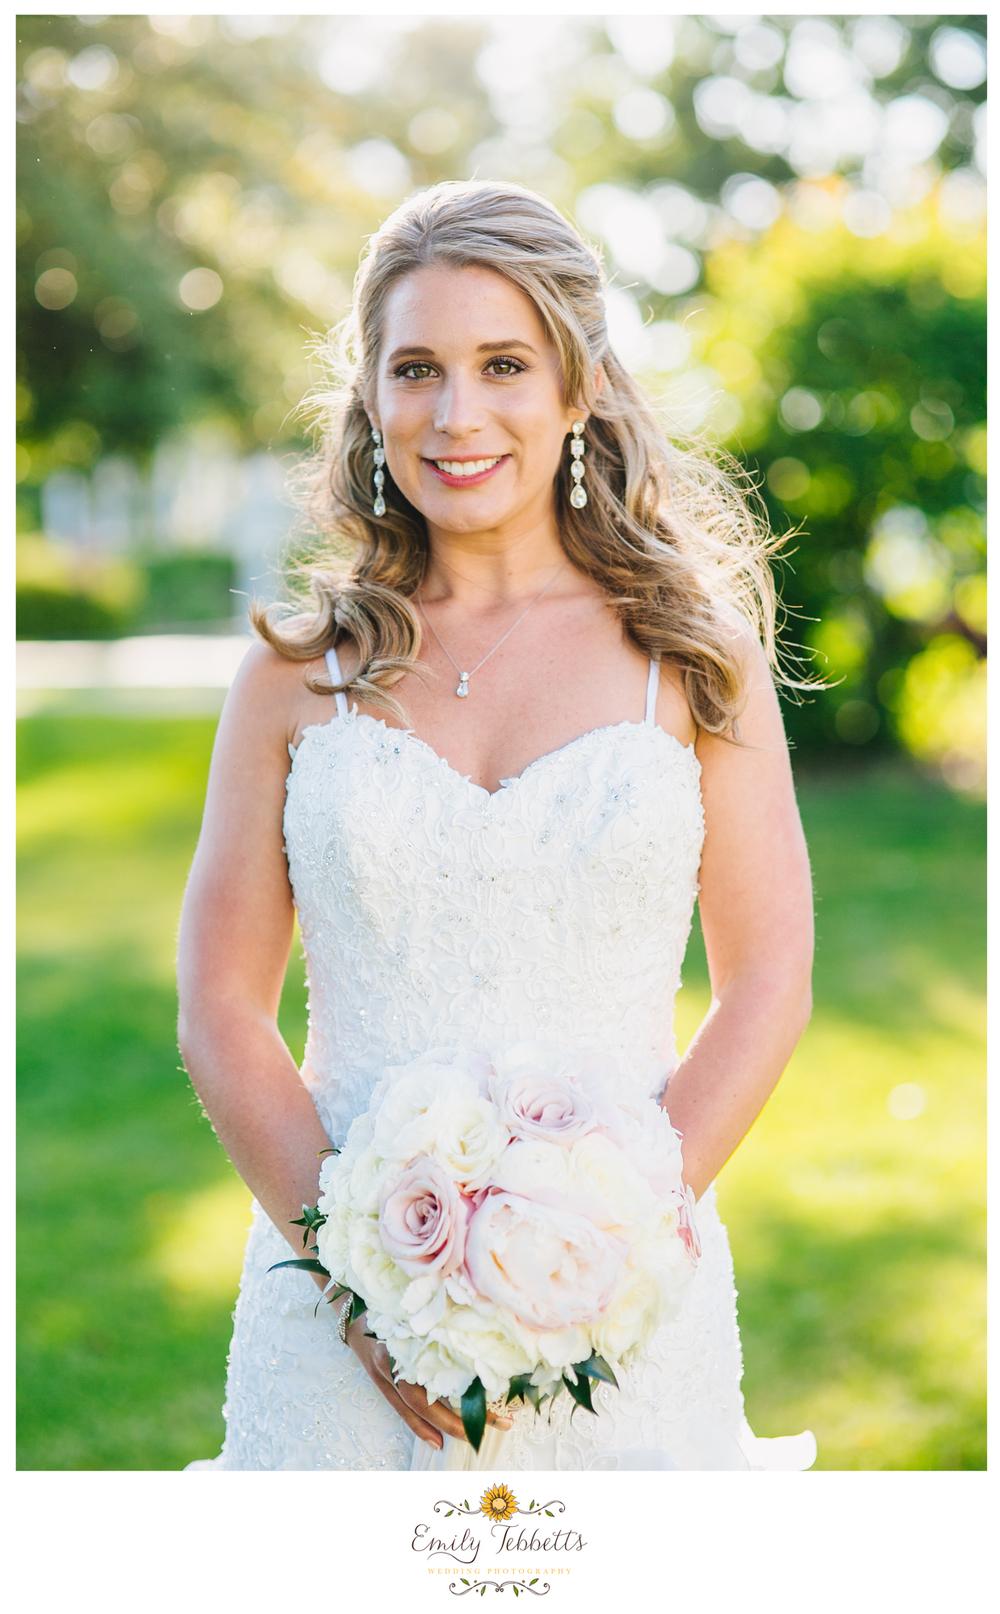 Emily Tebbetts Wedding Photography Stockton Seaview Galloway NJ New Jersey